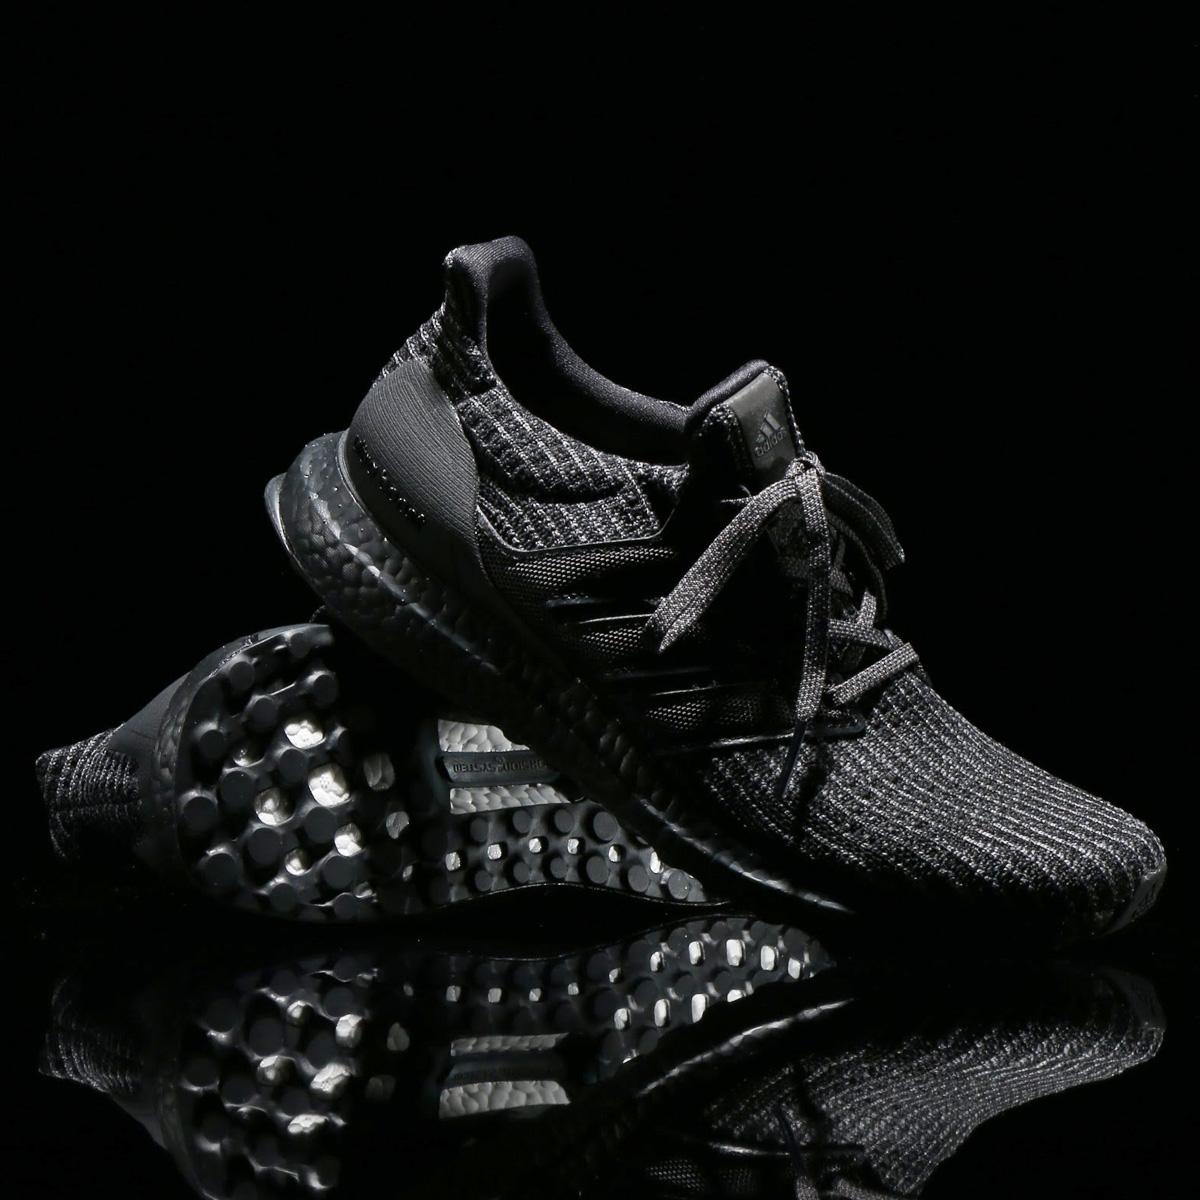 adidas UltraBOOST LTD (アディダス ウルトラブースト LTD) Core Black/Core Black/Core Black【メンズ スニーカー】18FW-I